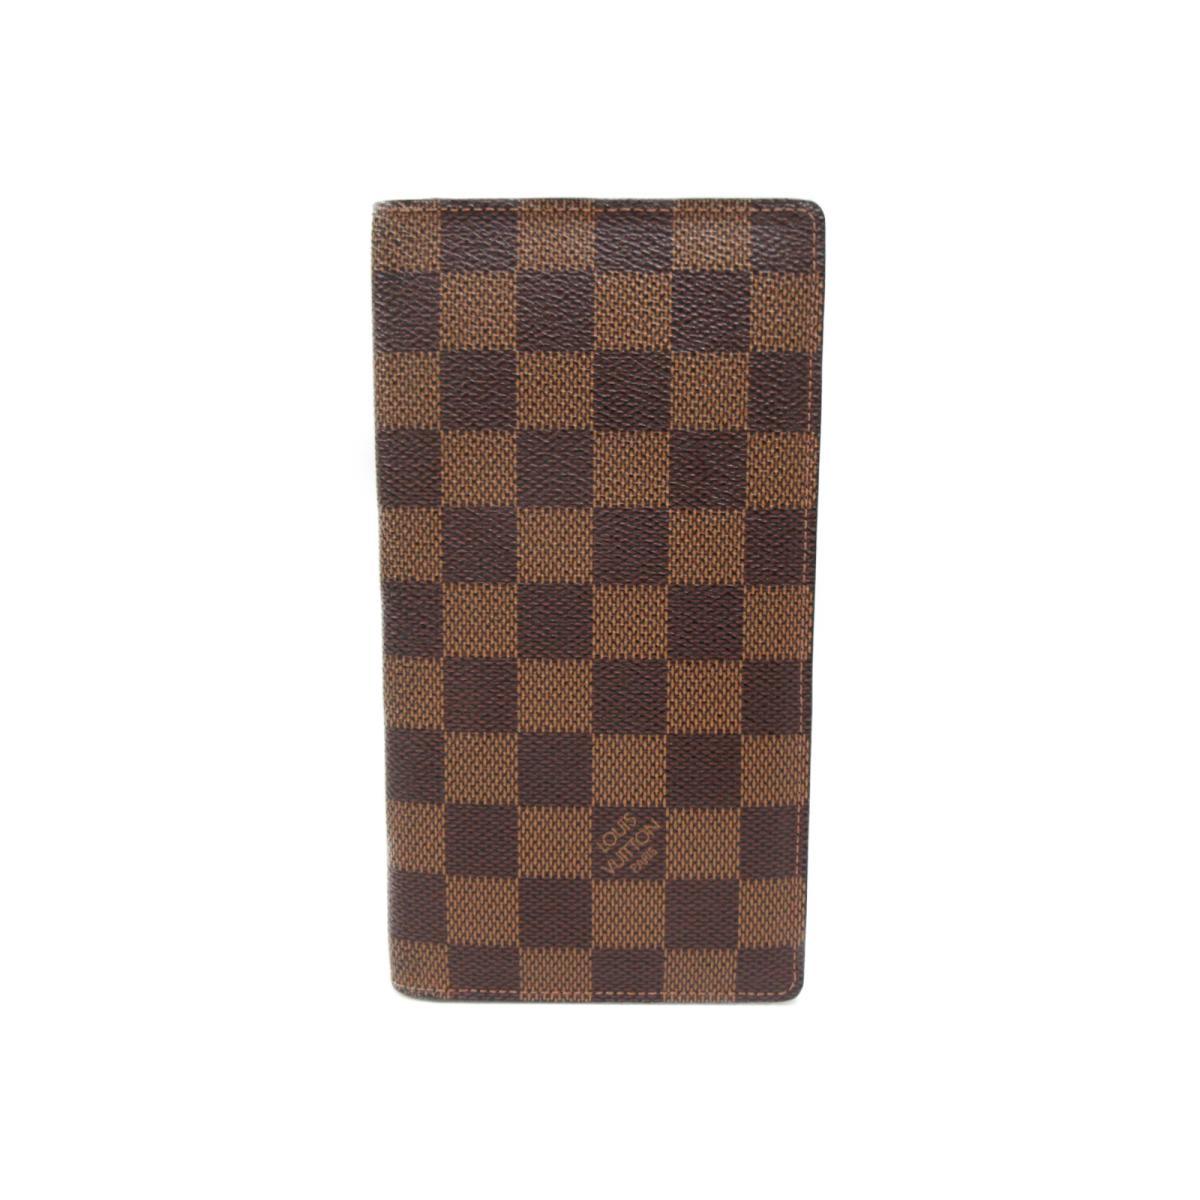 50f4f36b2713 カルト クレディ 二つ折り札入れ 財布 ユニセックス ダミエ (N61823) | ランクB LOUIS VUITTON BRANDOFF  ブランドオフ ヴィトン ビトン ルイ?